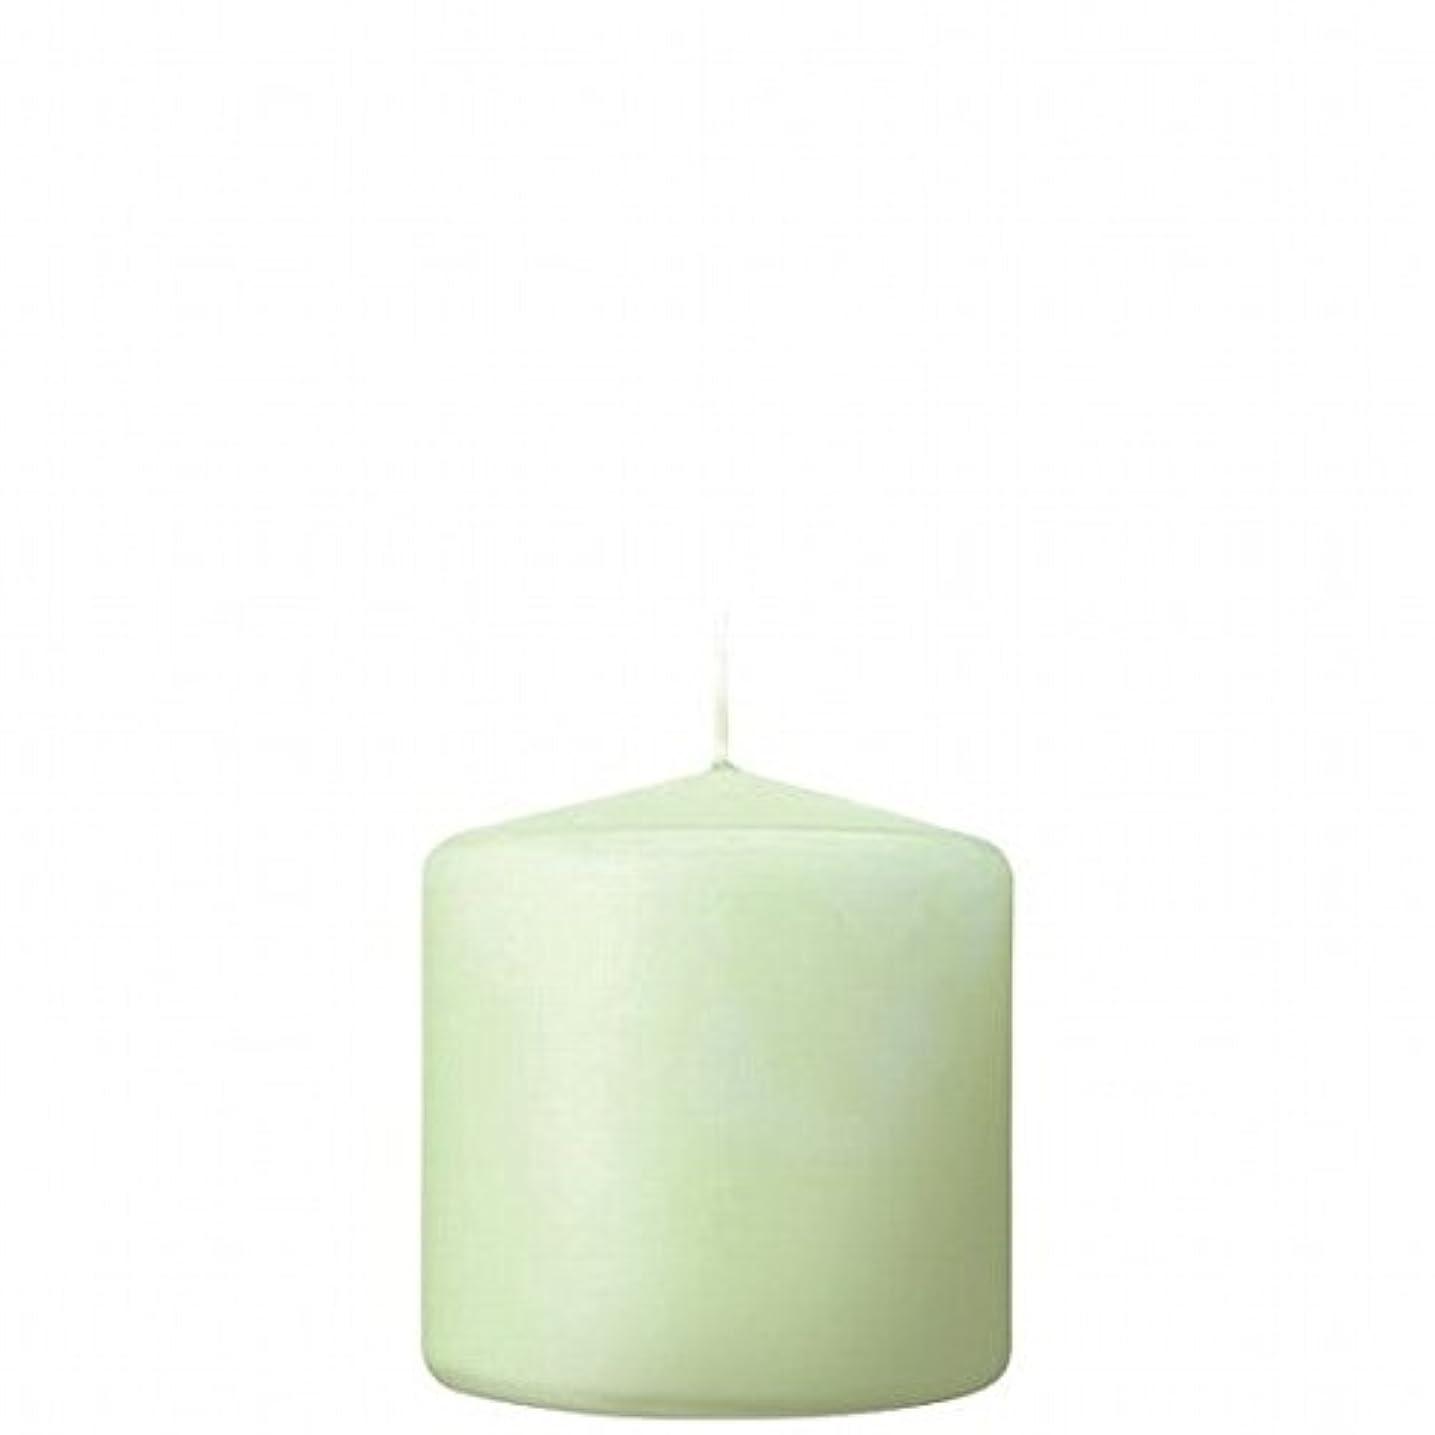 光沢のあるノベルティ比喩kameyama candle(カメヤマキャンドル) 3×3ベルトップピラーキャンドル 「 ホワイトグリーン 」(A9730000WG)